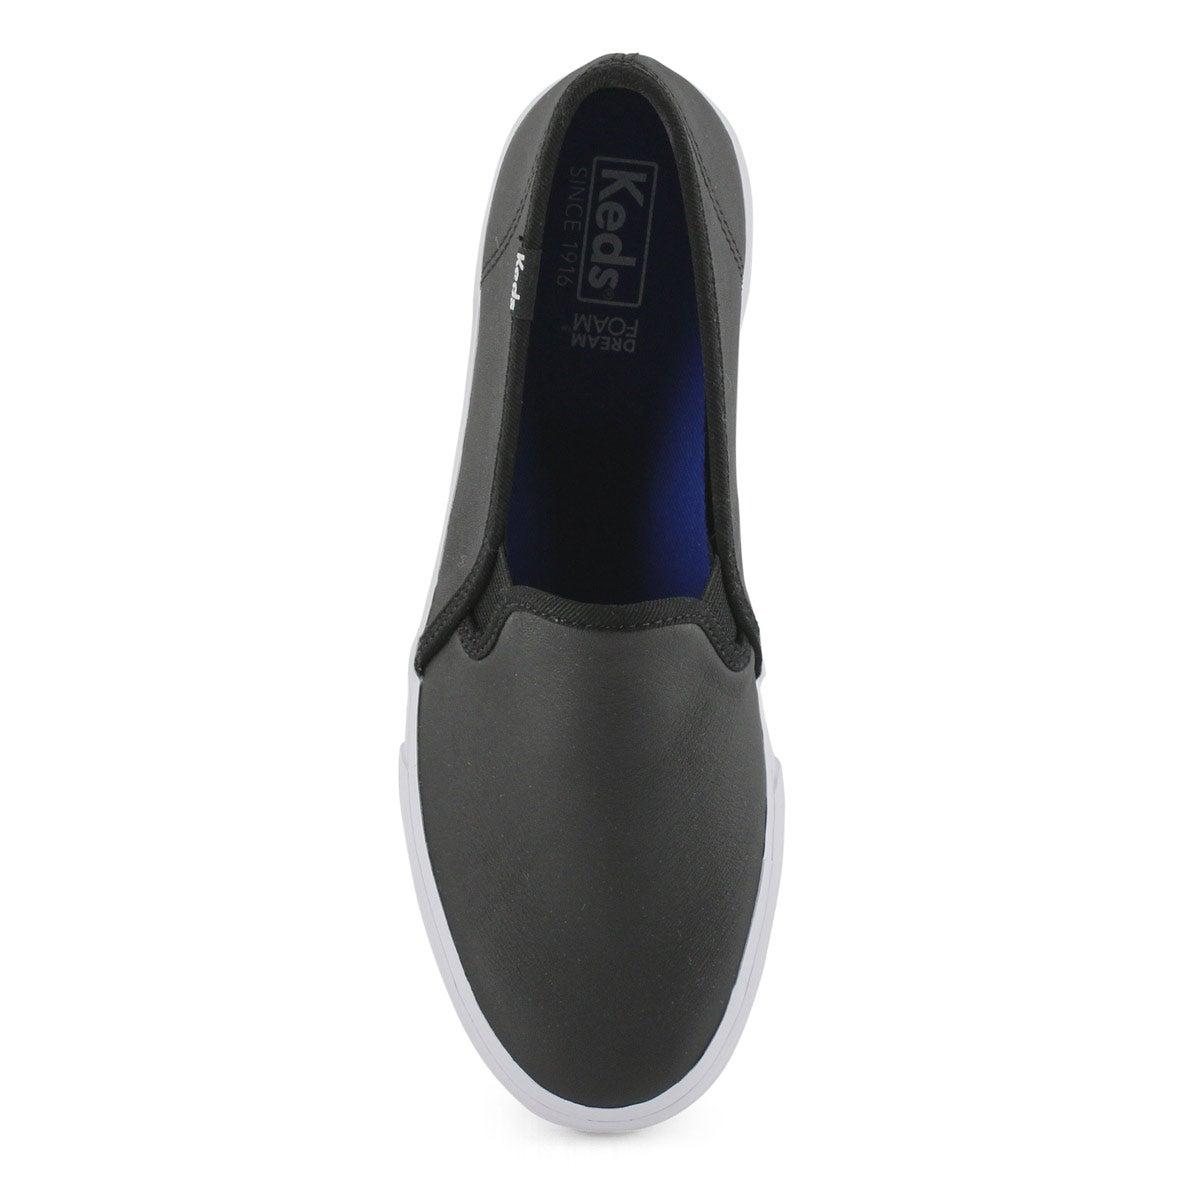 d1a73d7f7f22 Keds Women s Double Decker Slip On Fashion Sneaker